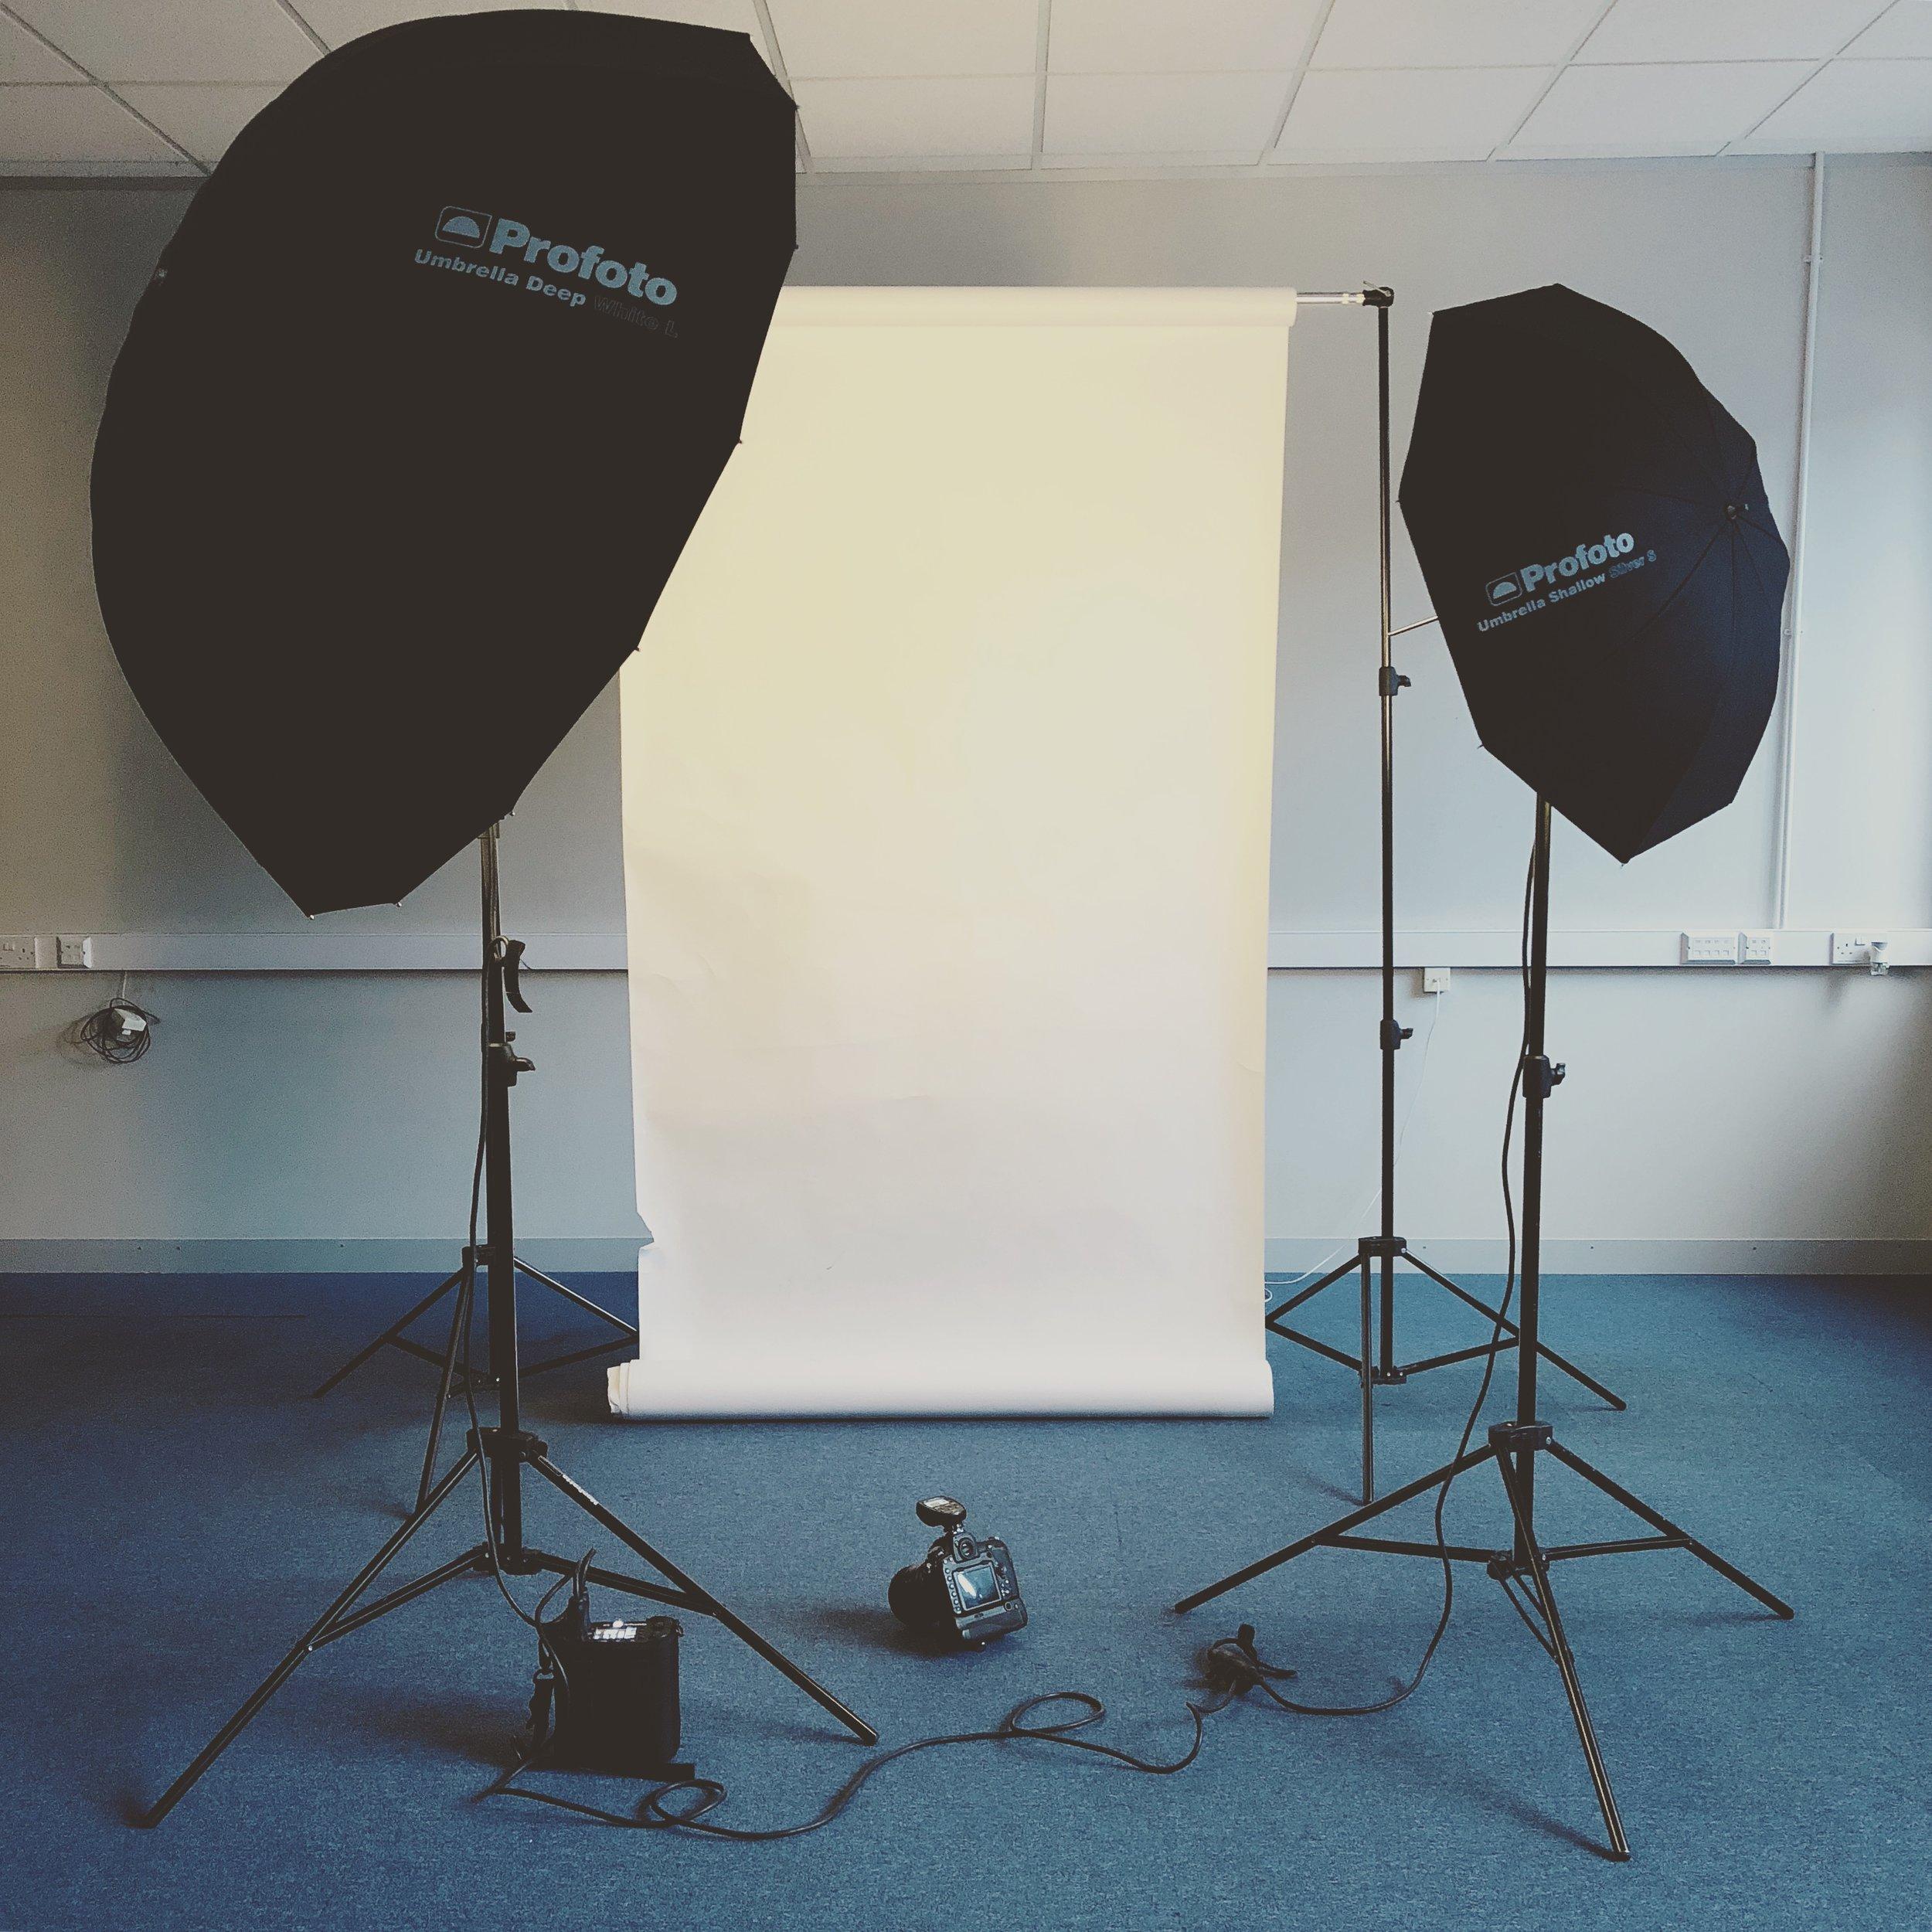 Mobile photography studio setup